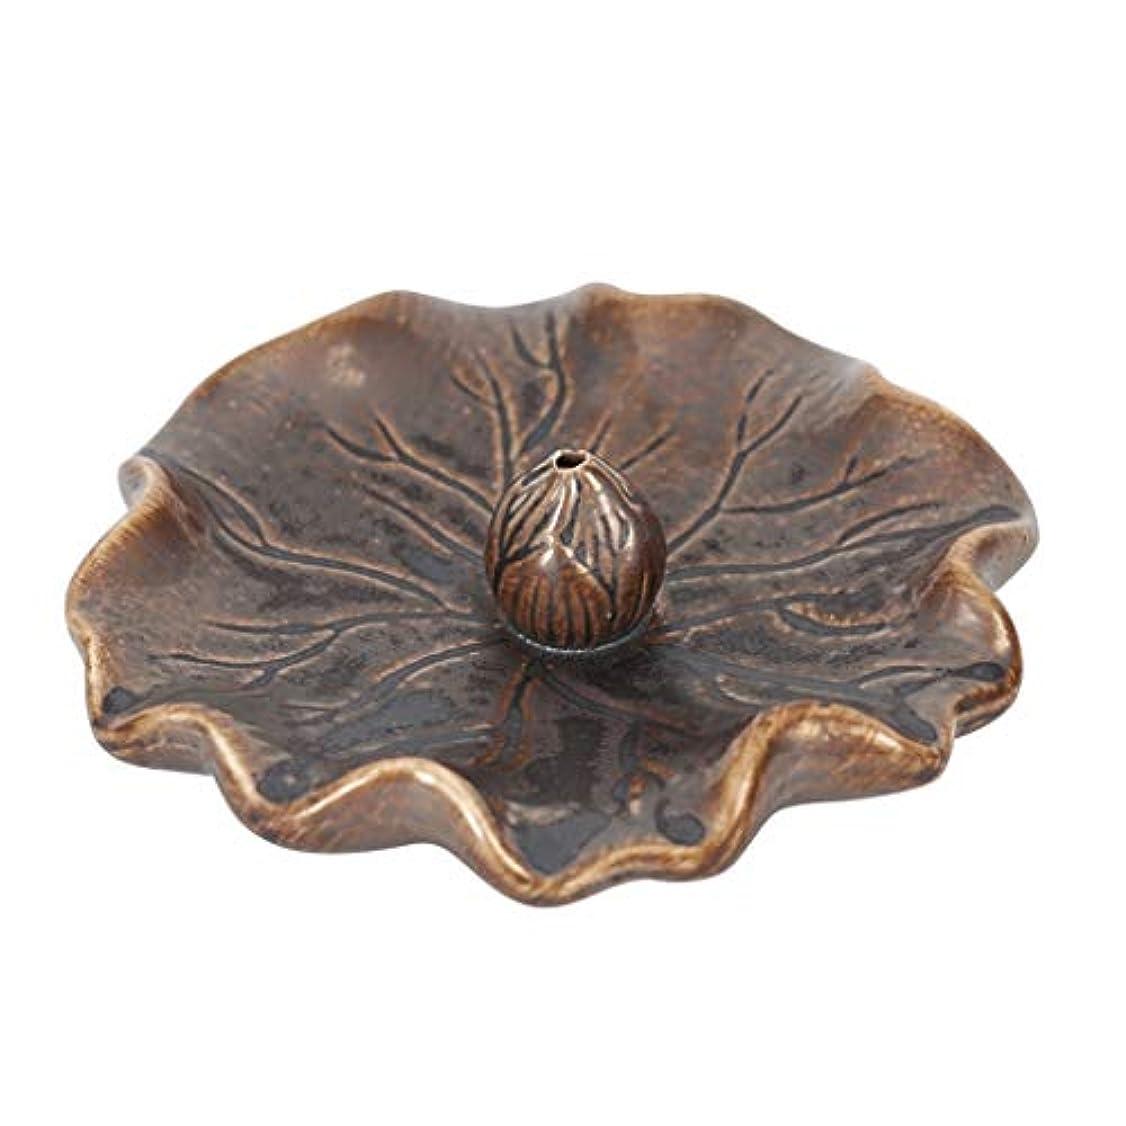 一族モンキー肉のライン香バーナー蓮の葉アンティーク香ホルダービャクダン炉ホーム屋内香りの良い皿セラミック香ホルダー (Color : Brass, サイズ : 4.52*1.18inchs)